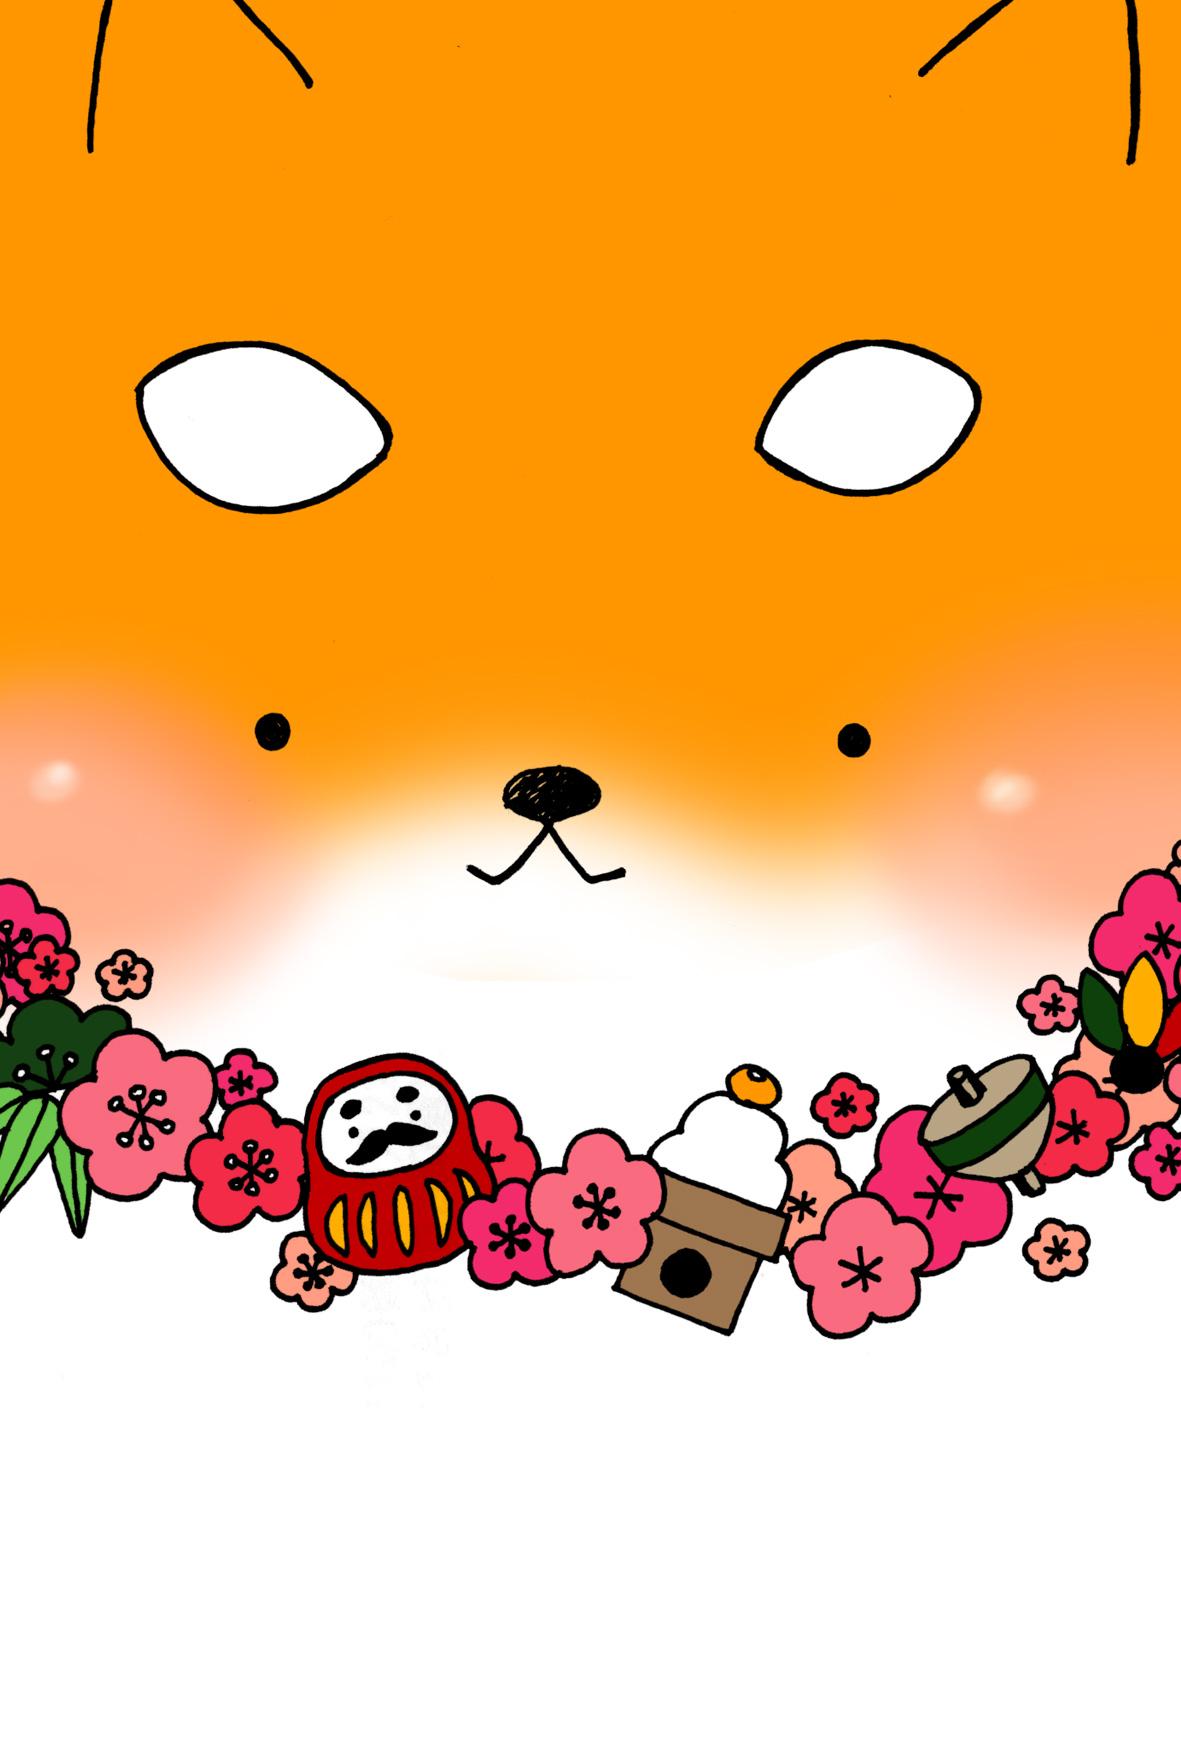 可愛い系戌年年賀状柴犬とお正月モチーフ花首輪